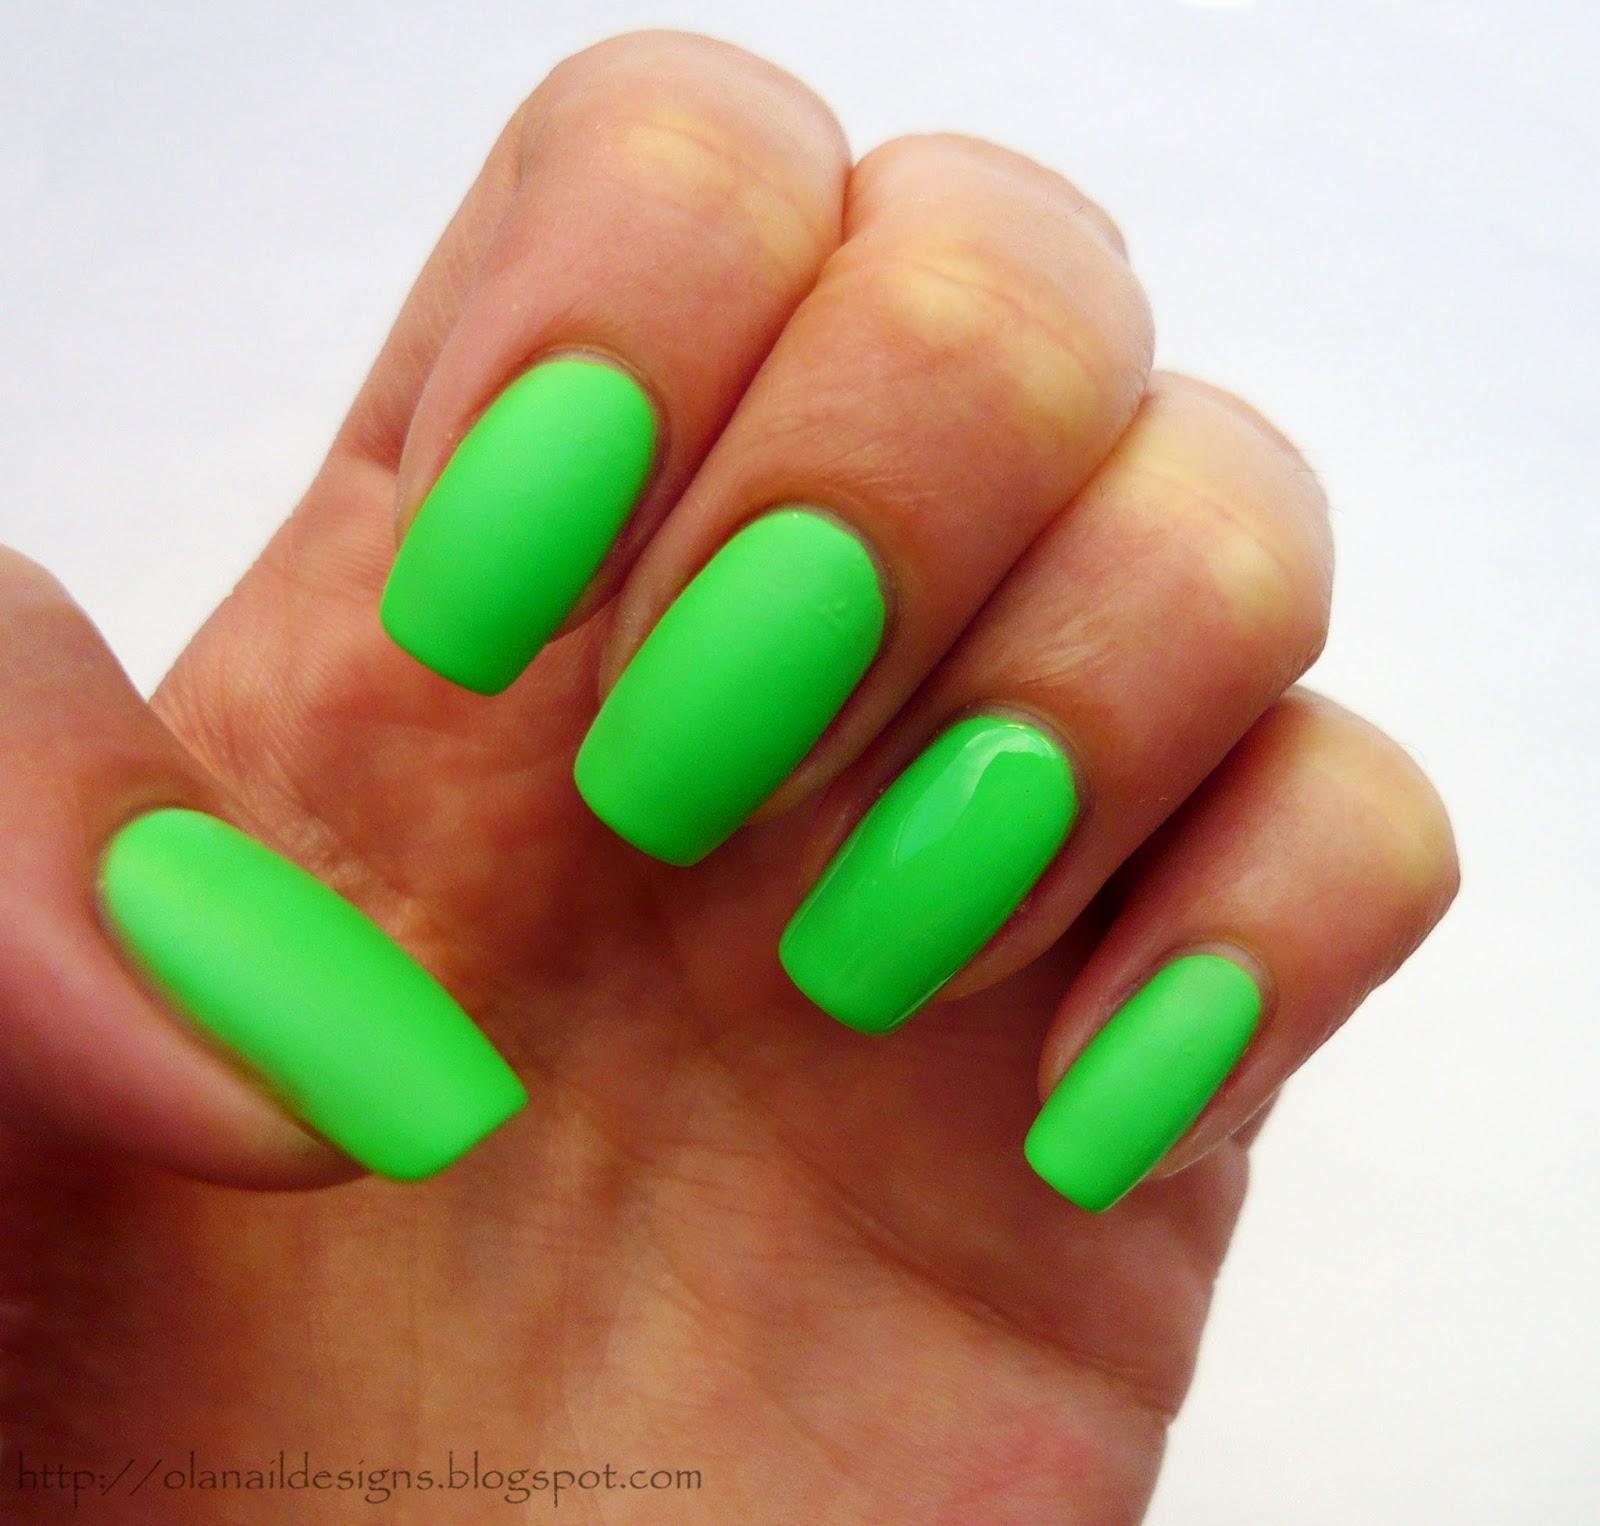 neonowa matowa zieleń na paznokciach